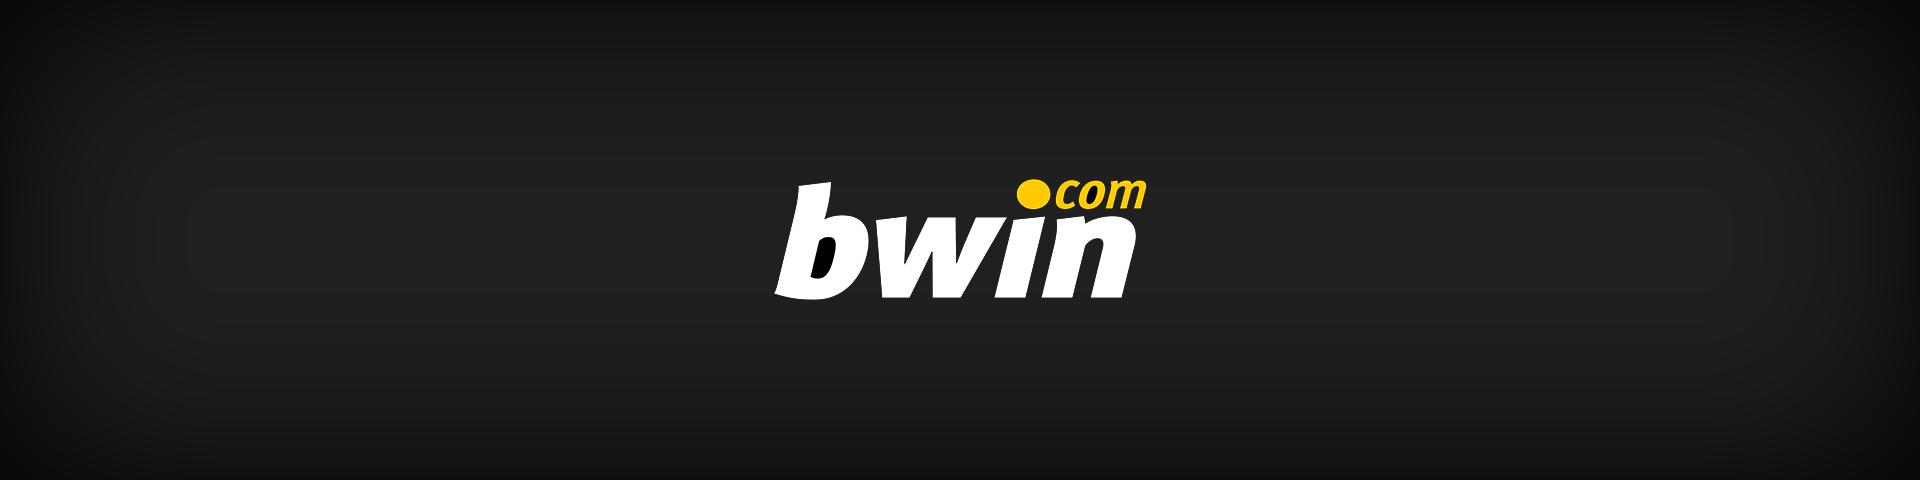 Bwin Test